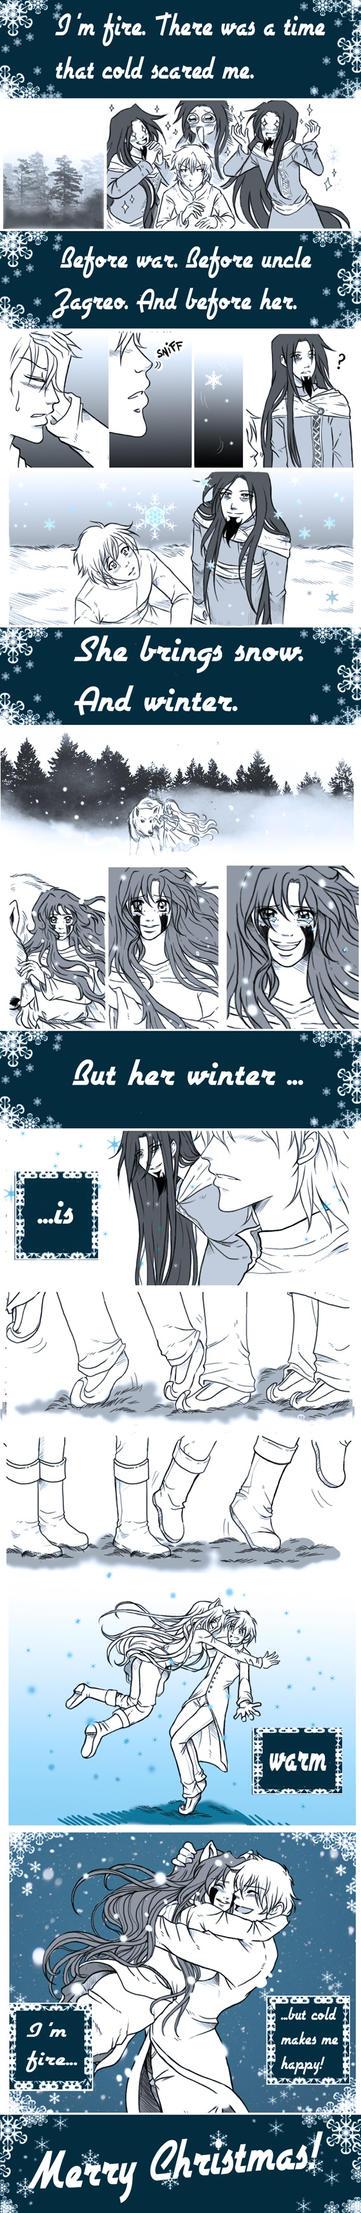 Warm Winter by Ellychan88